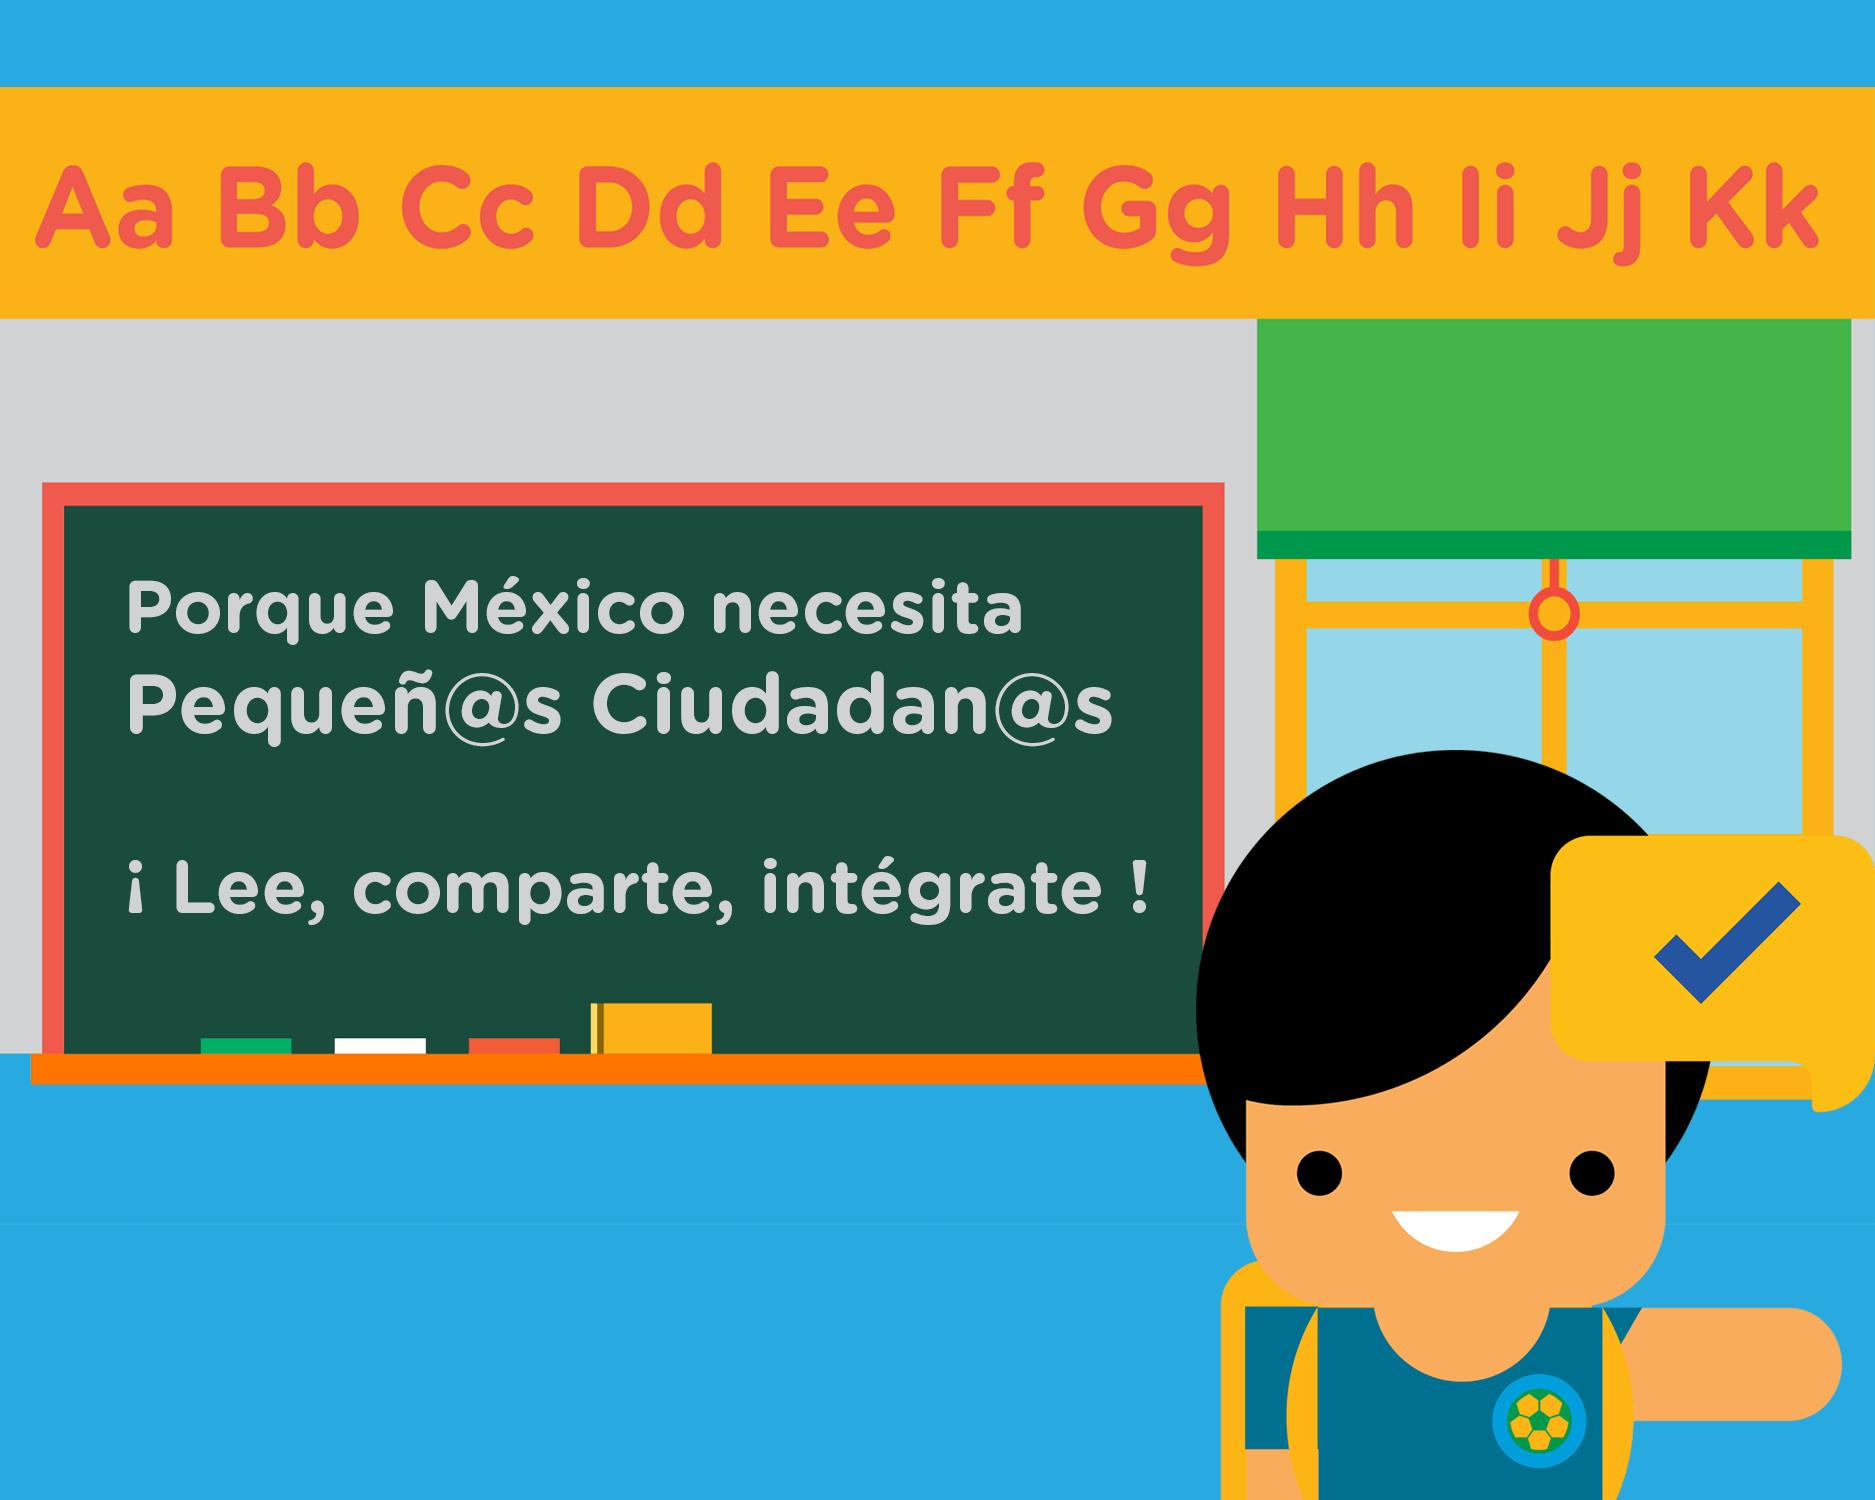 México necesita Pequeñ@s Ciudadan@s